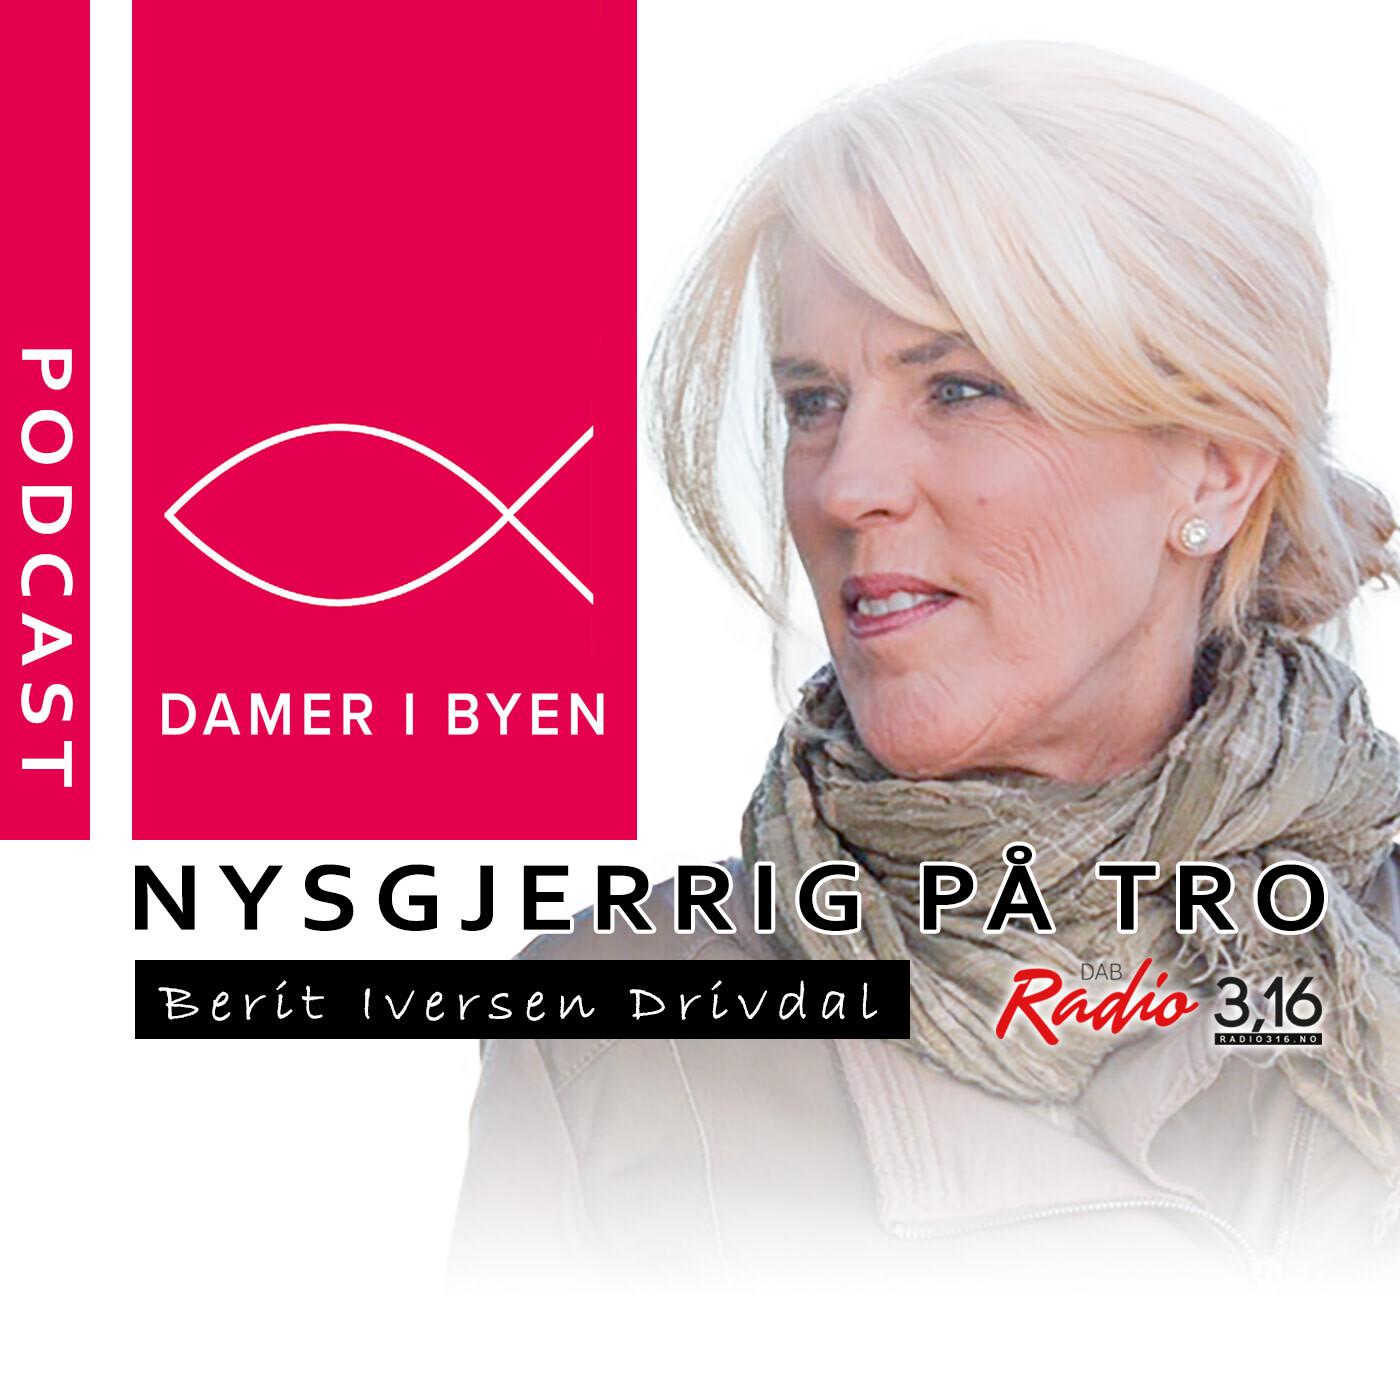 Sofie Nilsen Aateigen - Uke 43 2020